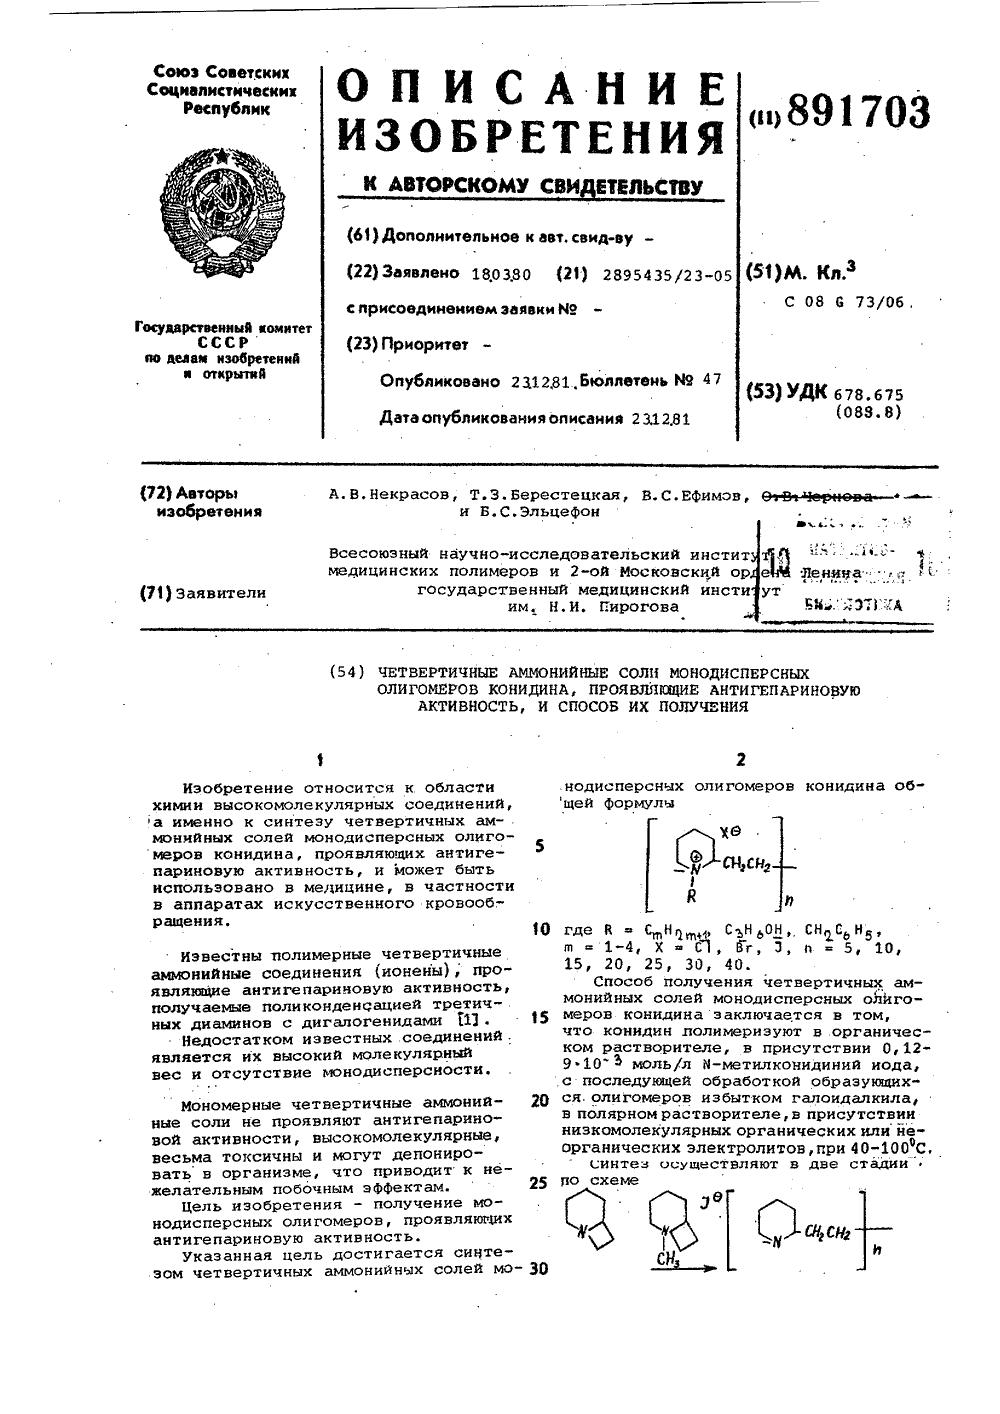 30061993 1, 1-дихлор-2, 2-бис-(3, 4-диаминофенил)-этилен в качестве мономера для термореактивных и термостойких